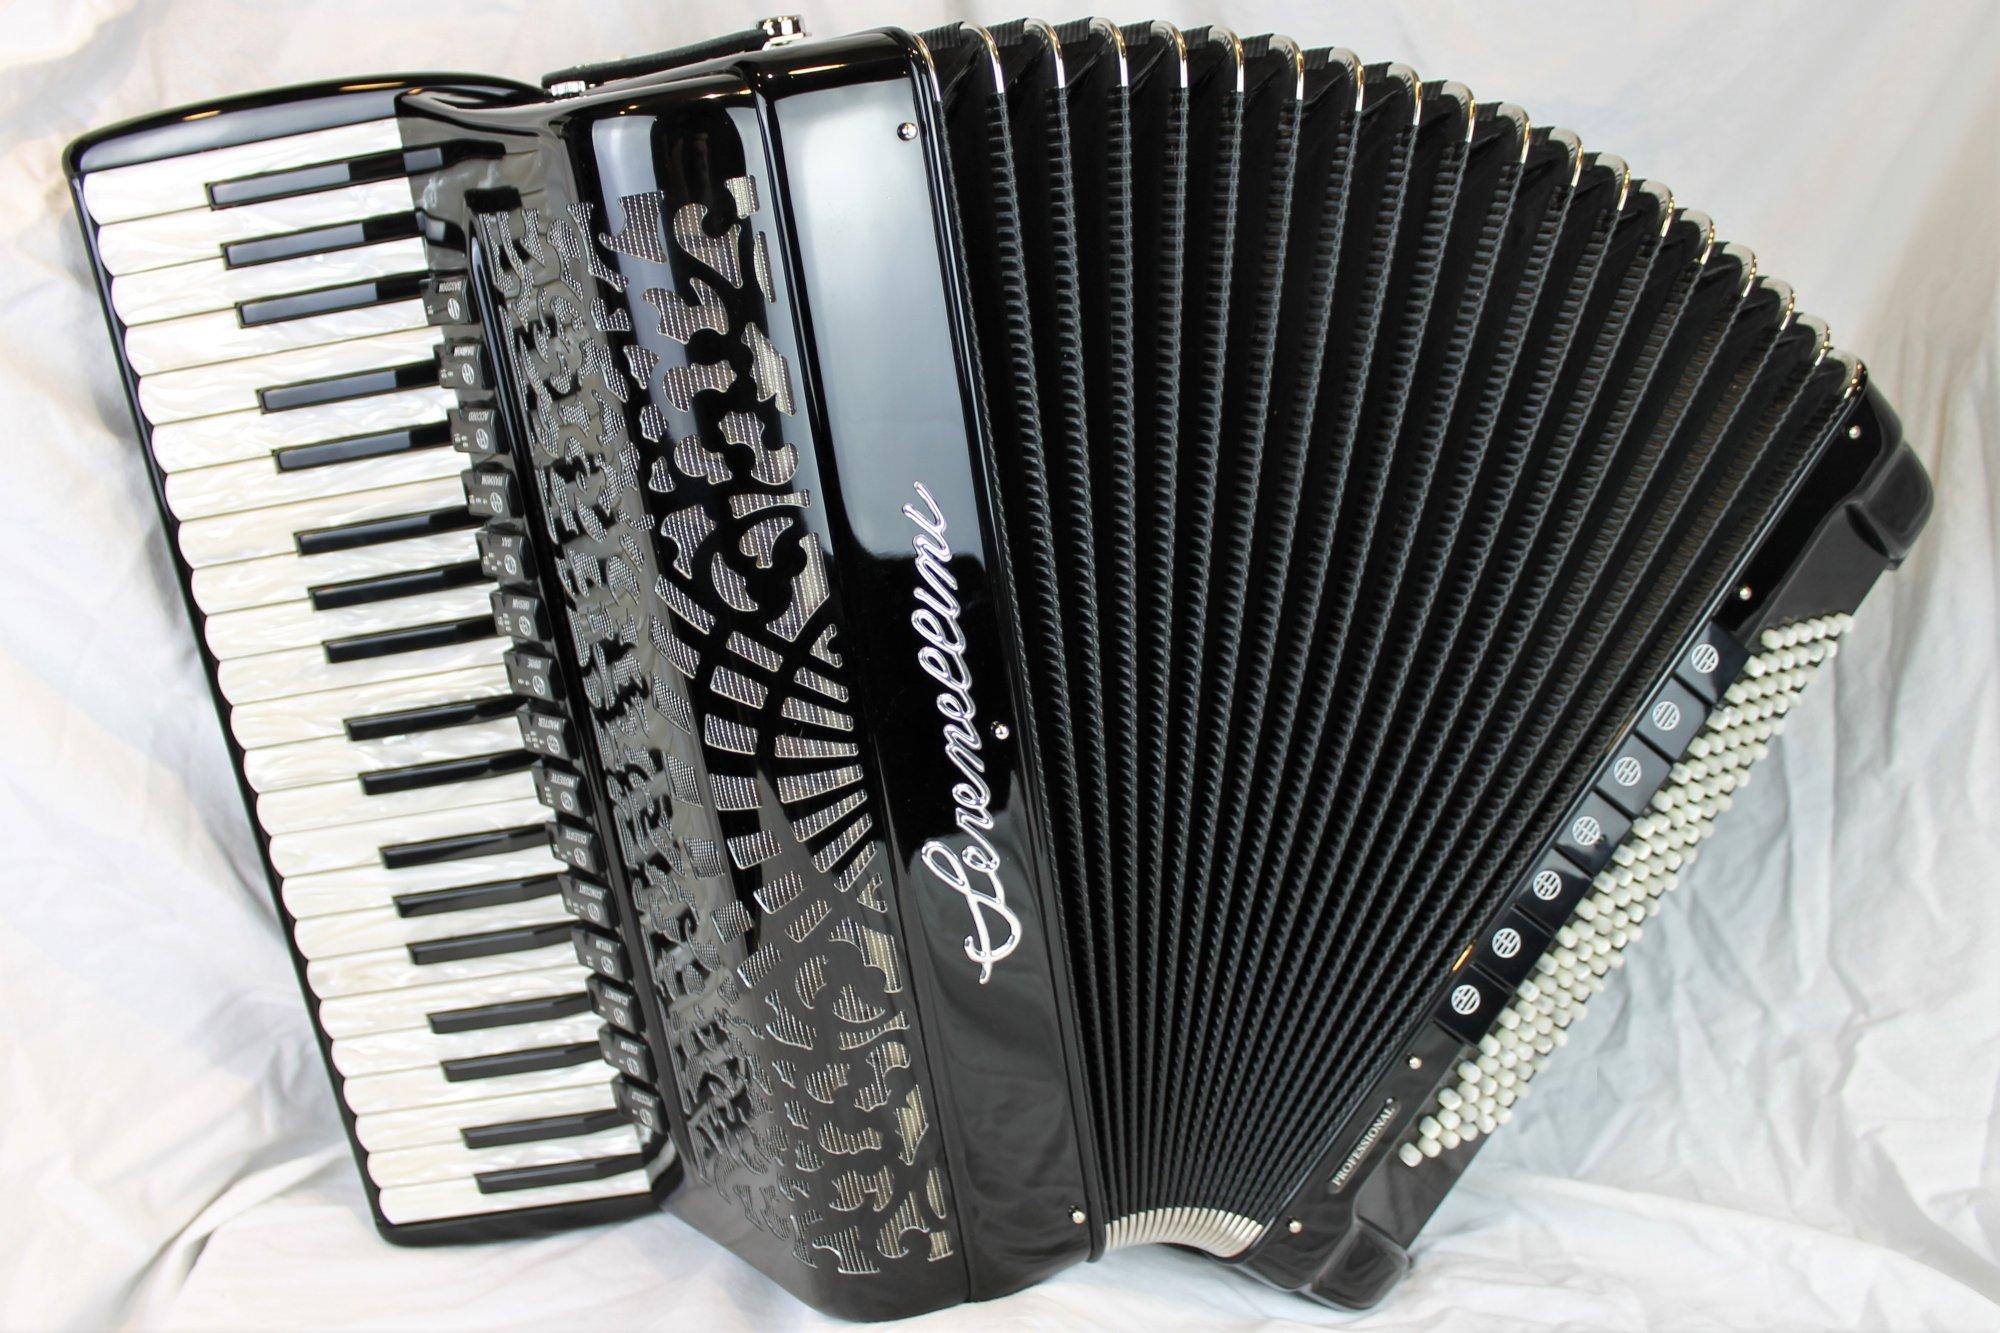 NEW Black Serenellini 415 Piano Accordion LMMMH 41 120